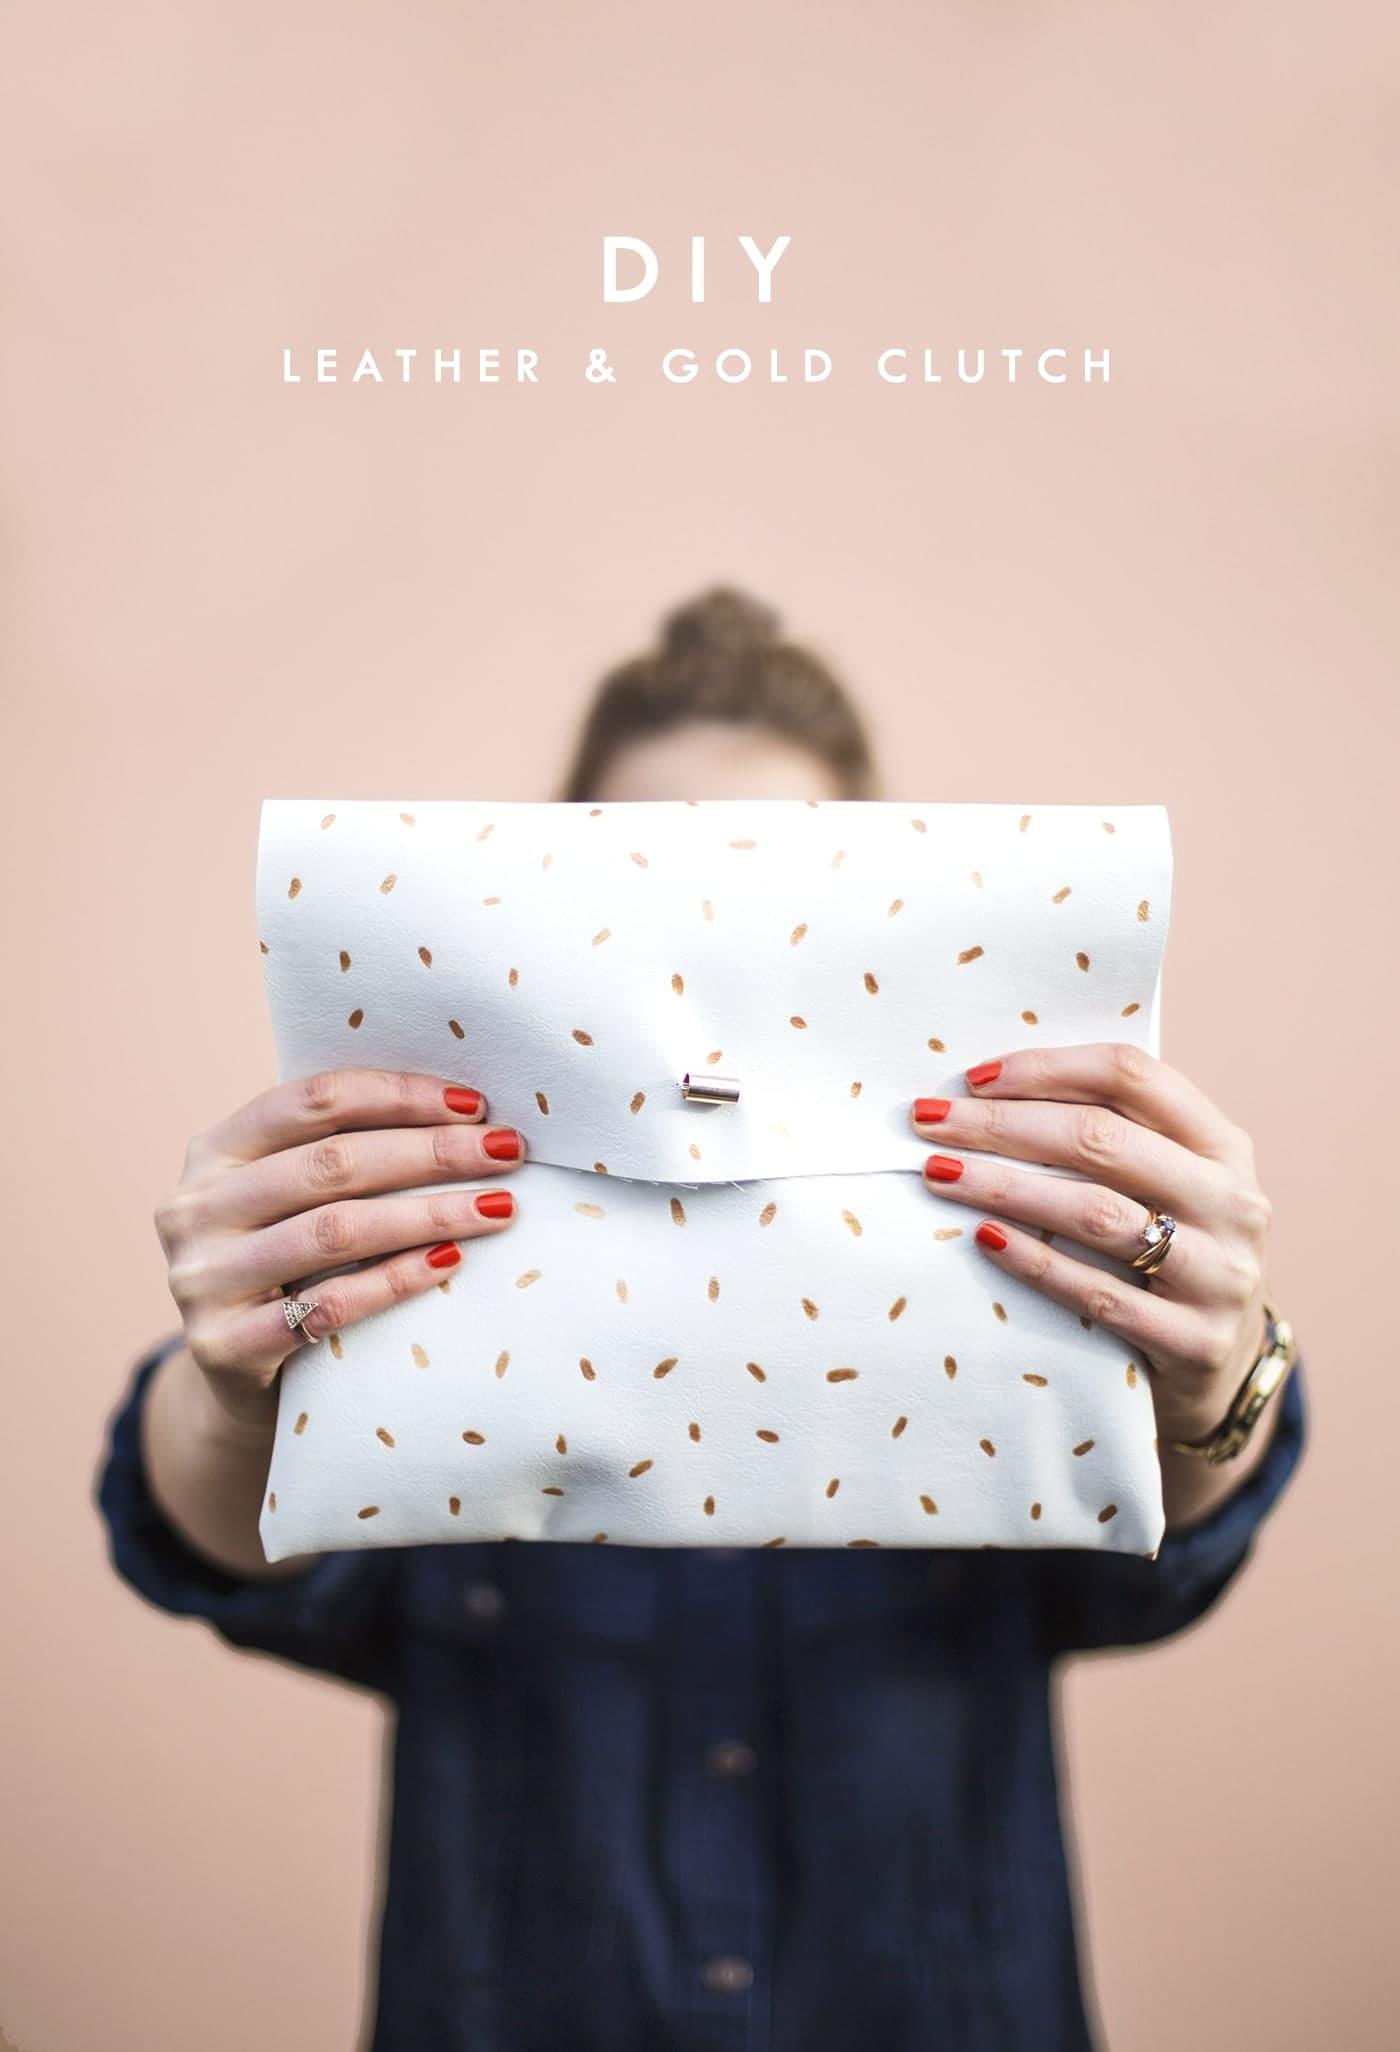 diy-metallic-dotted-clutch-easy-fashion-crafts